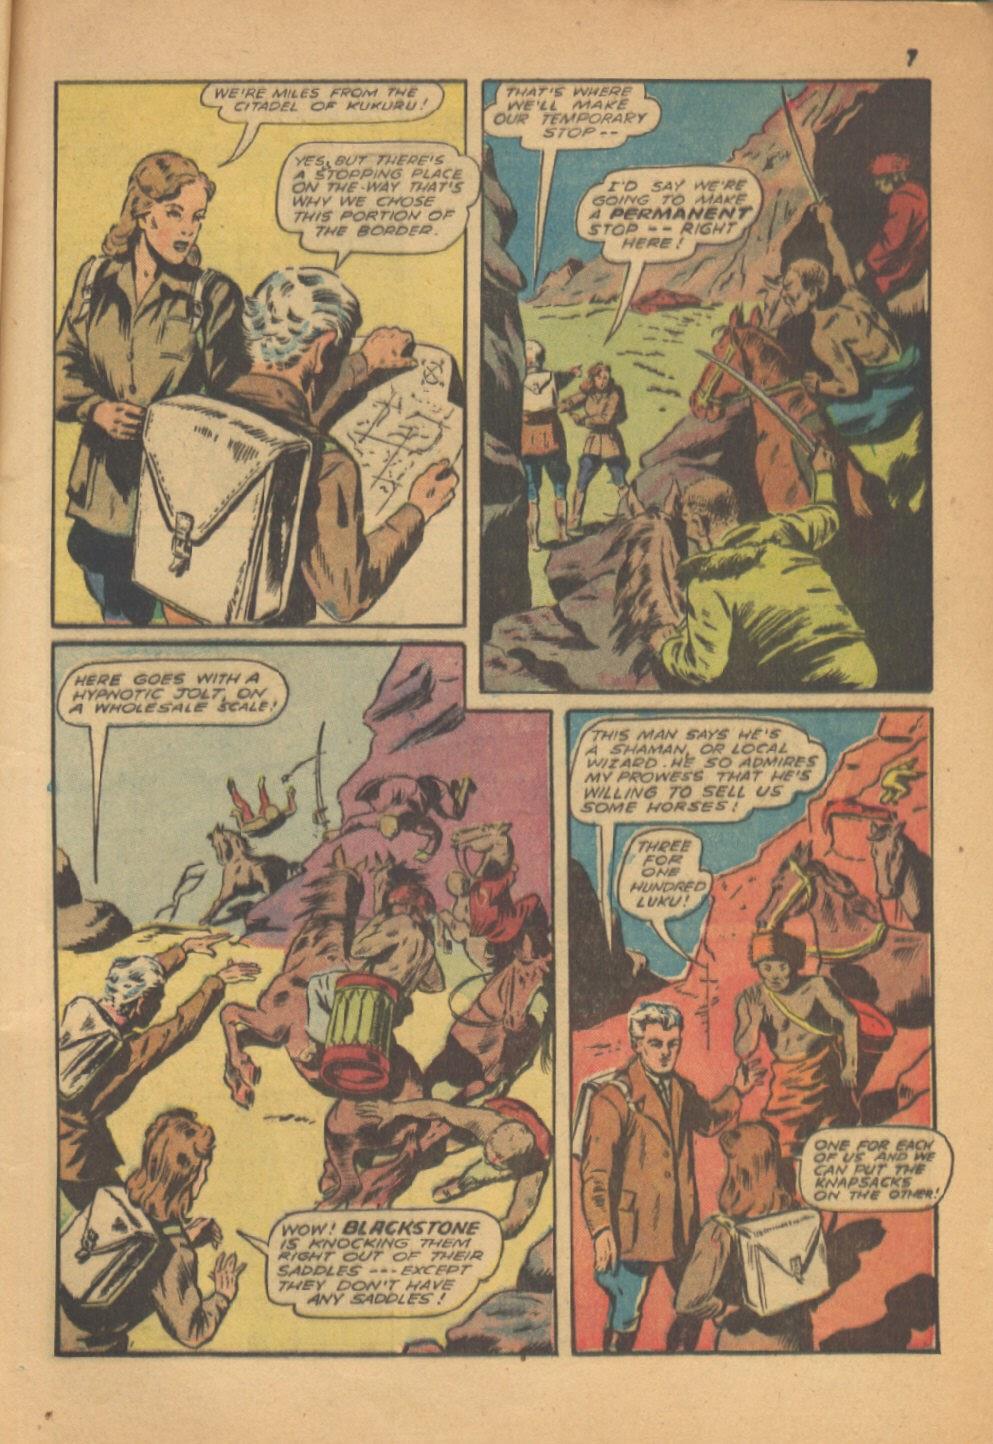 Read online Super-Magician Comics comic -  Issue #13 - 7